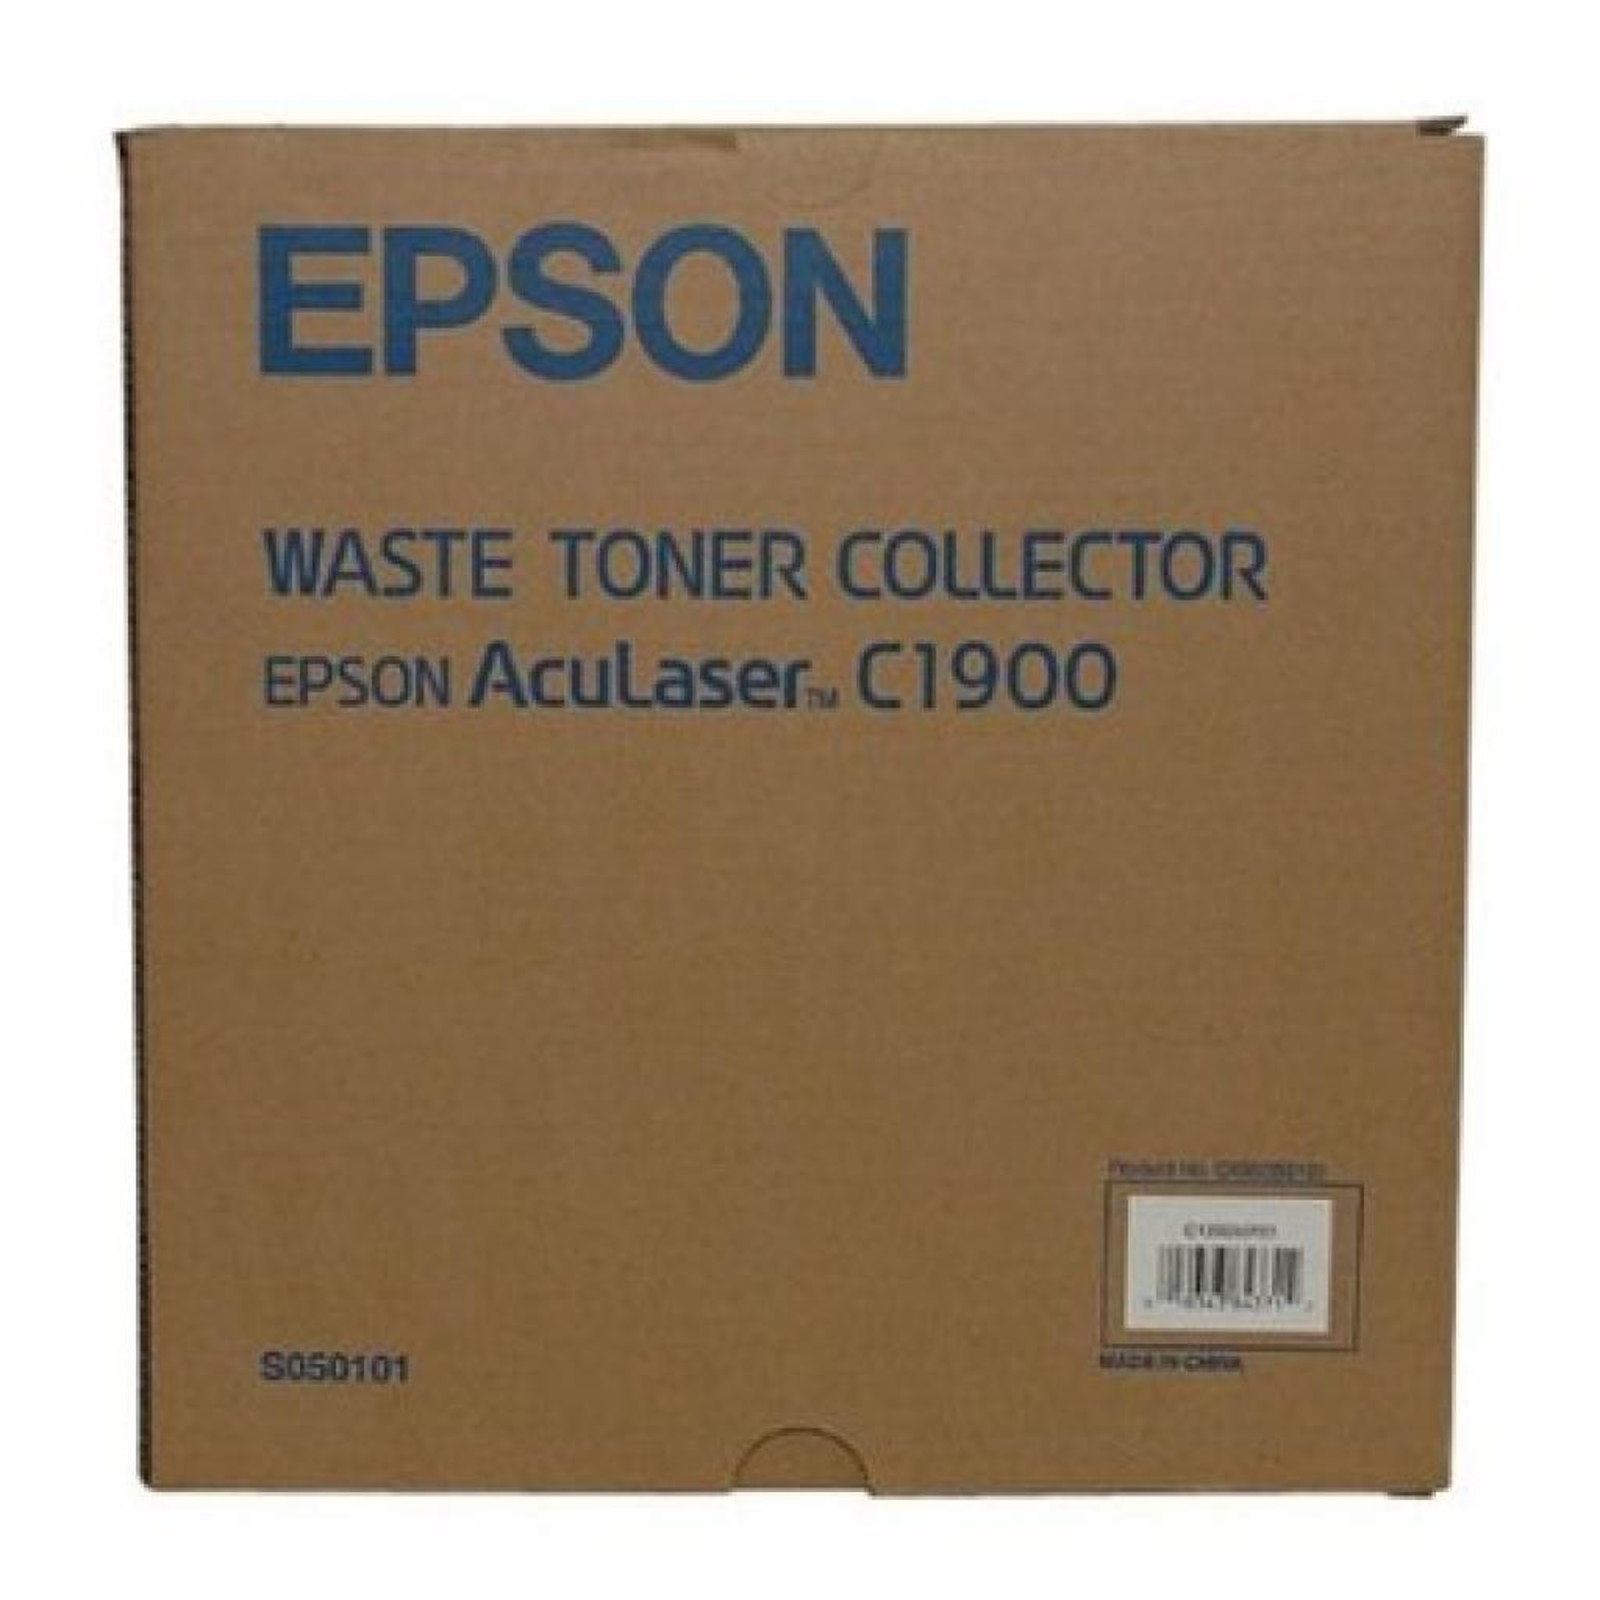 Сборник отработанного тонера EPSON Waste Toner Collector AcuLaser C190 (C13S050101)